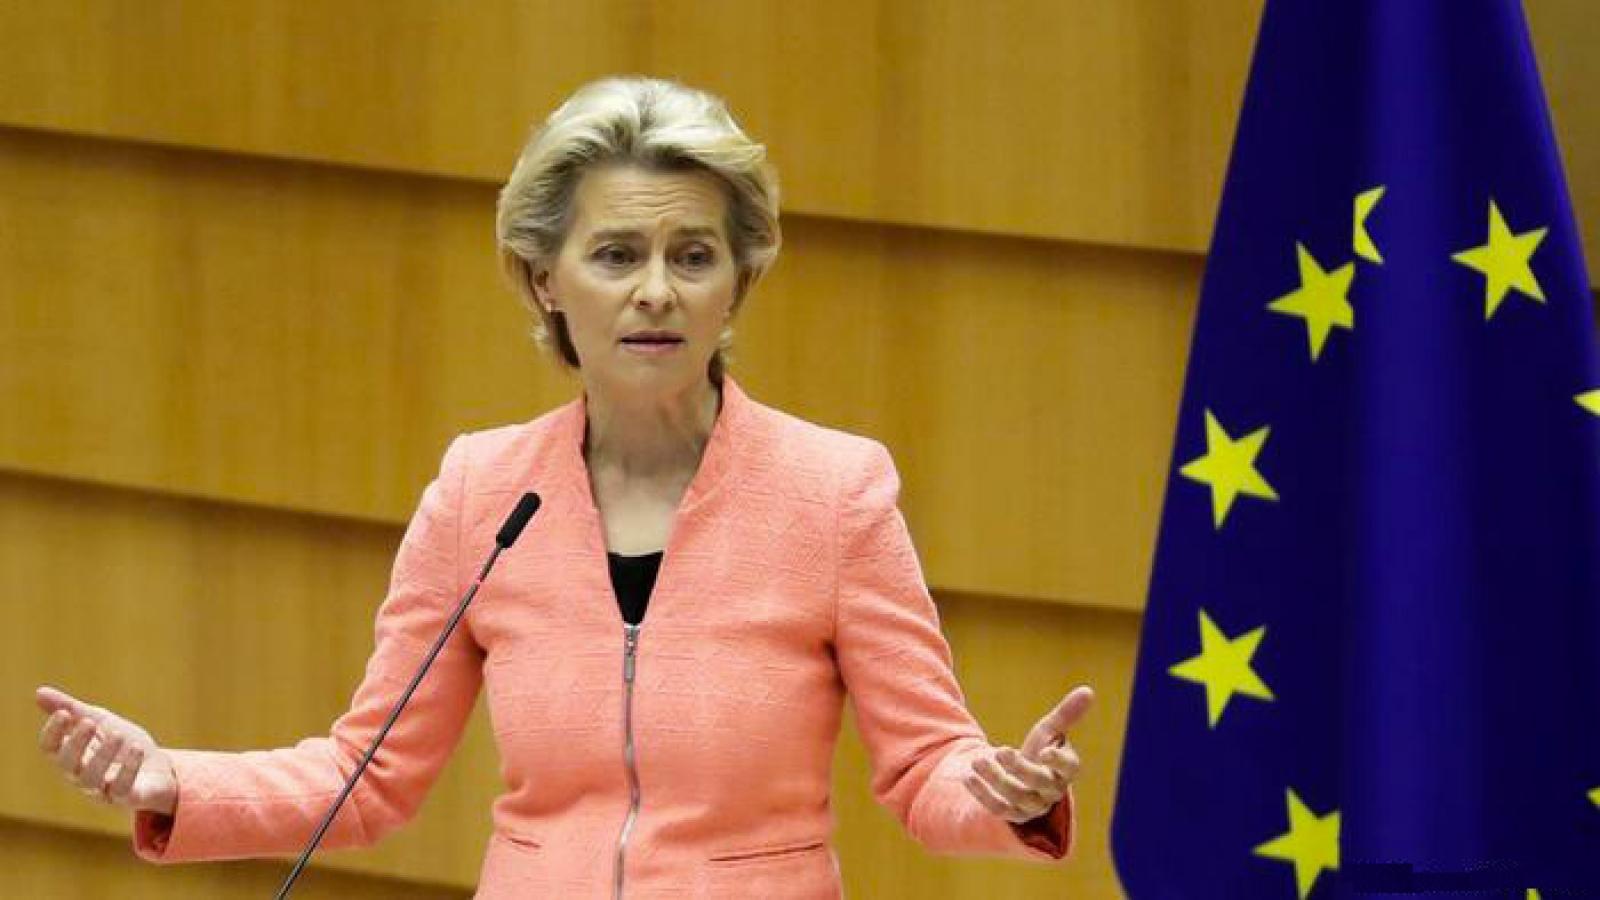 Định hướng hành động của EU tập trung vào kế hoạch phục hồi sau Covid-19